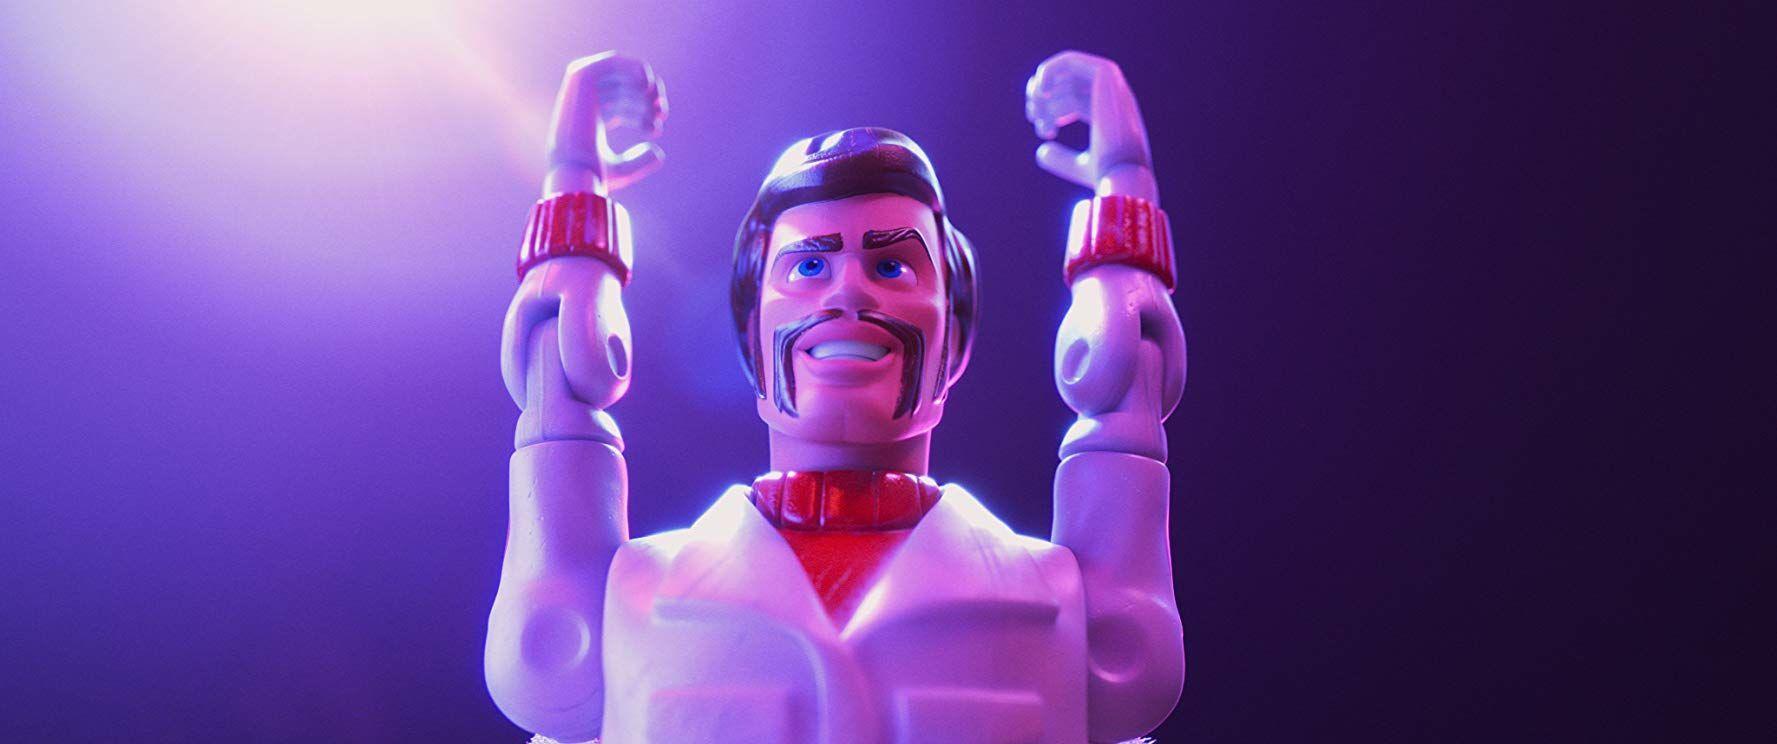 Review Film Toy Story 4: Penuh Kejutan, Tawa dan After Credit